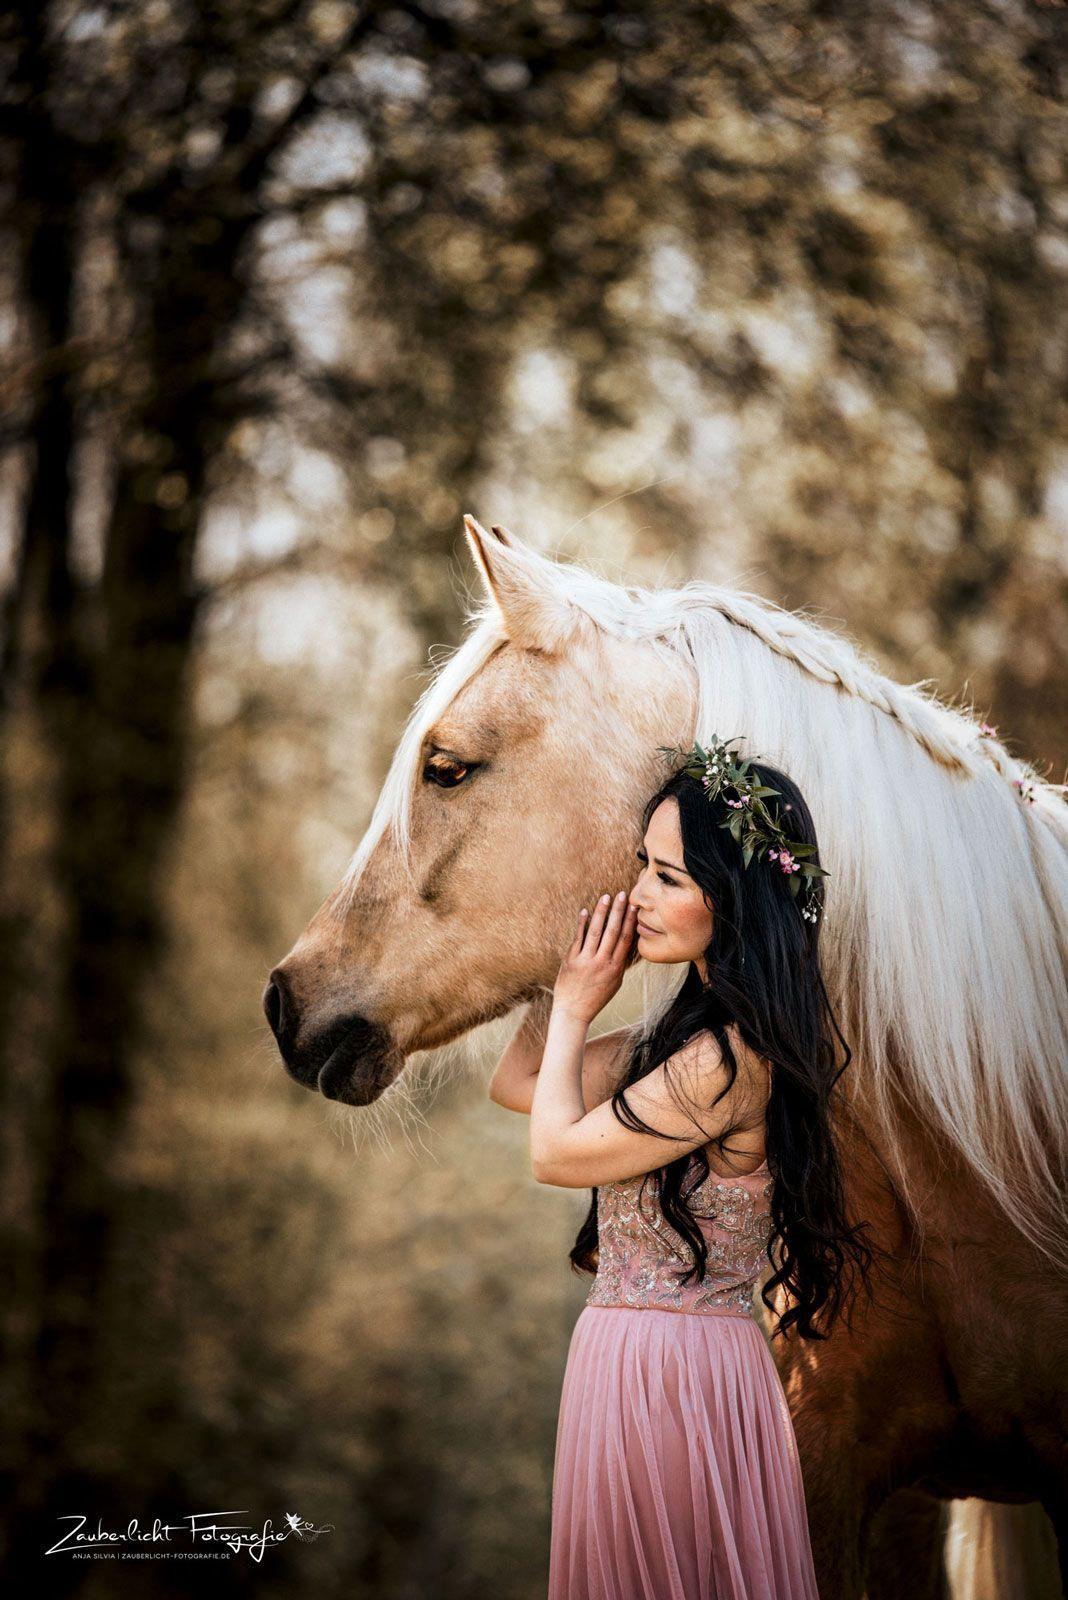 создать картинки с лошадьми горжусь